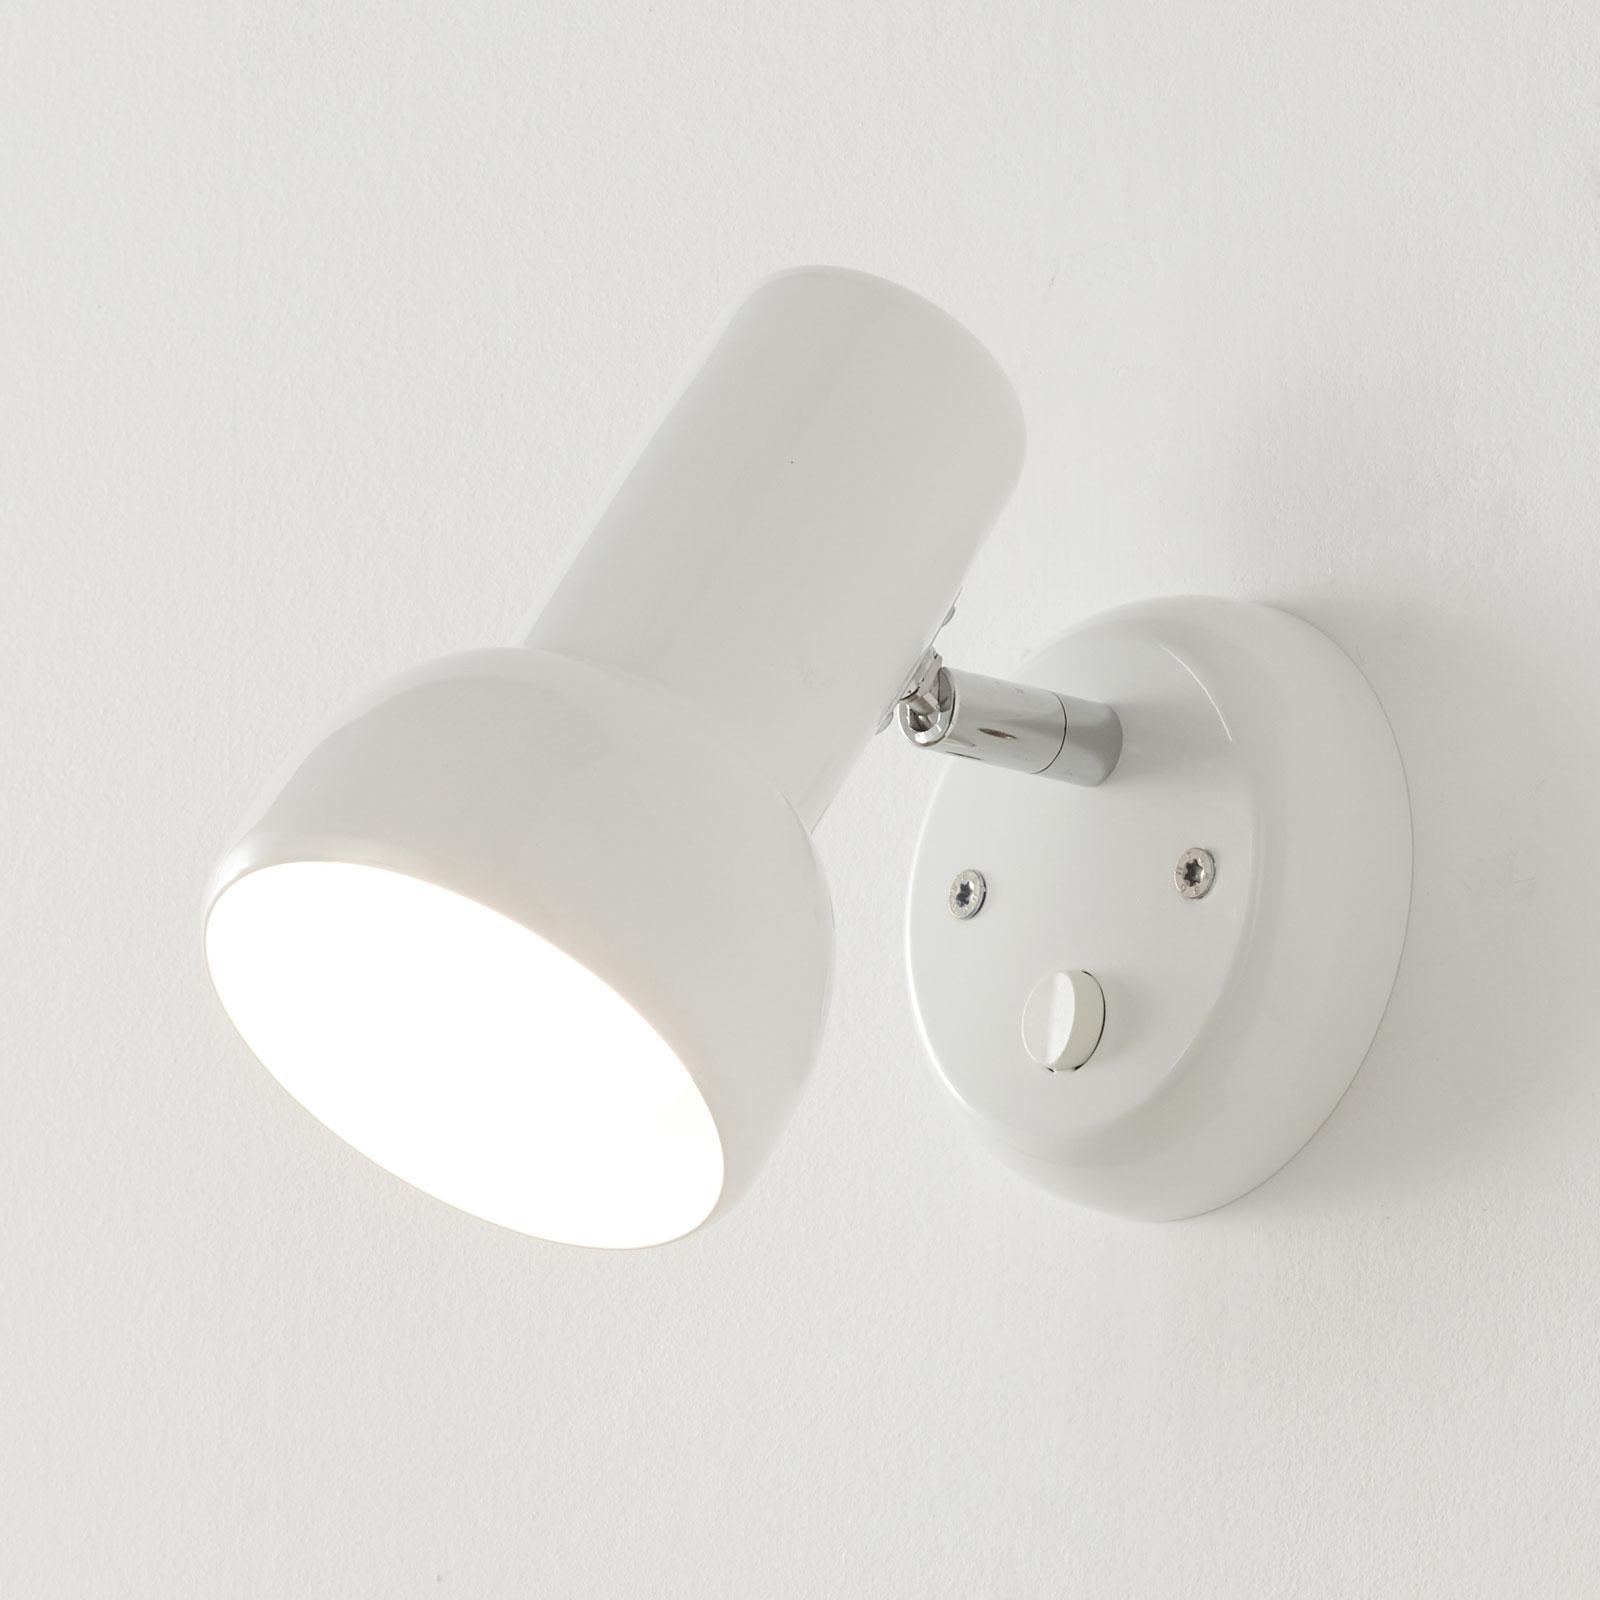 Klassisk väggspotlight EIFEL med strömbrytare